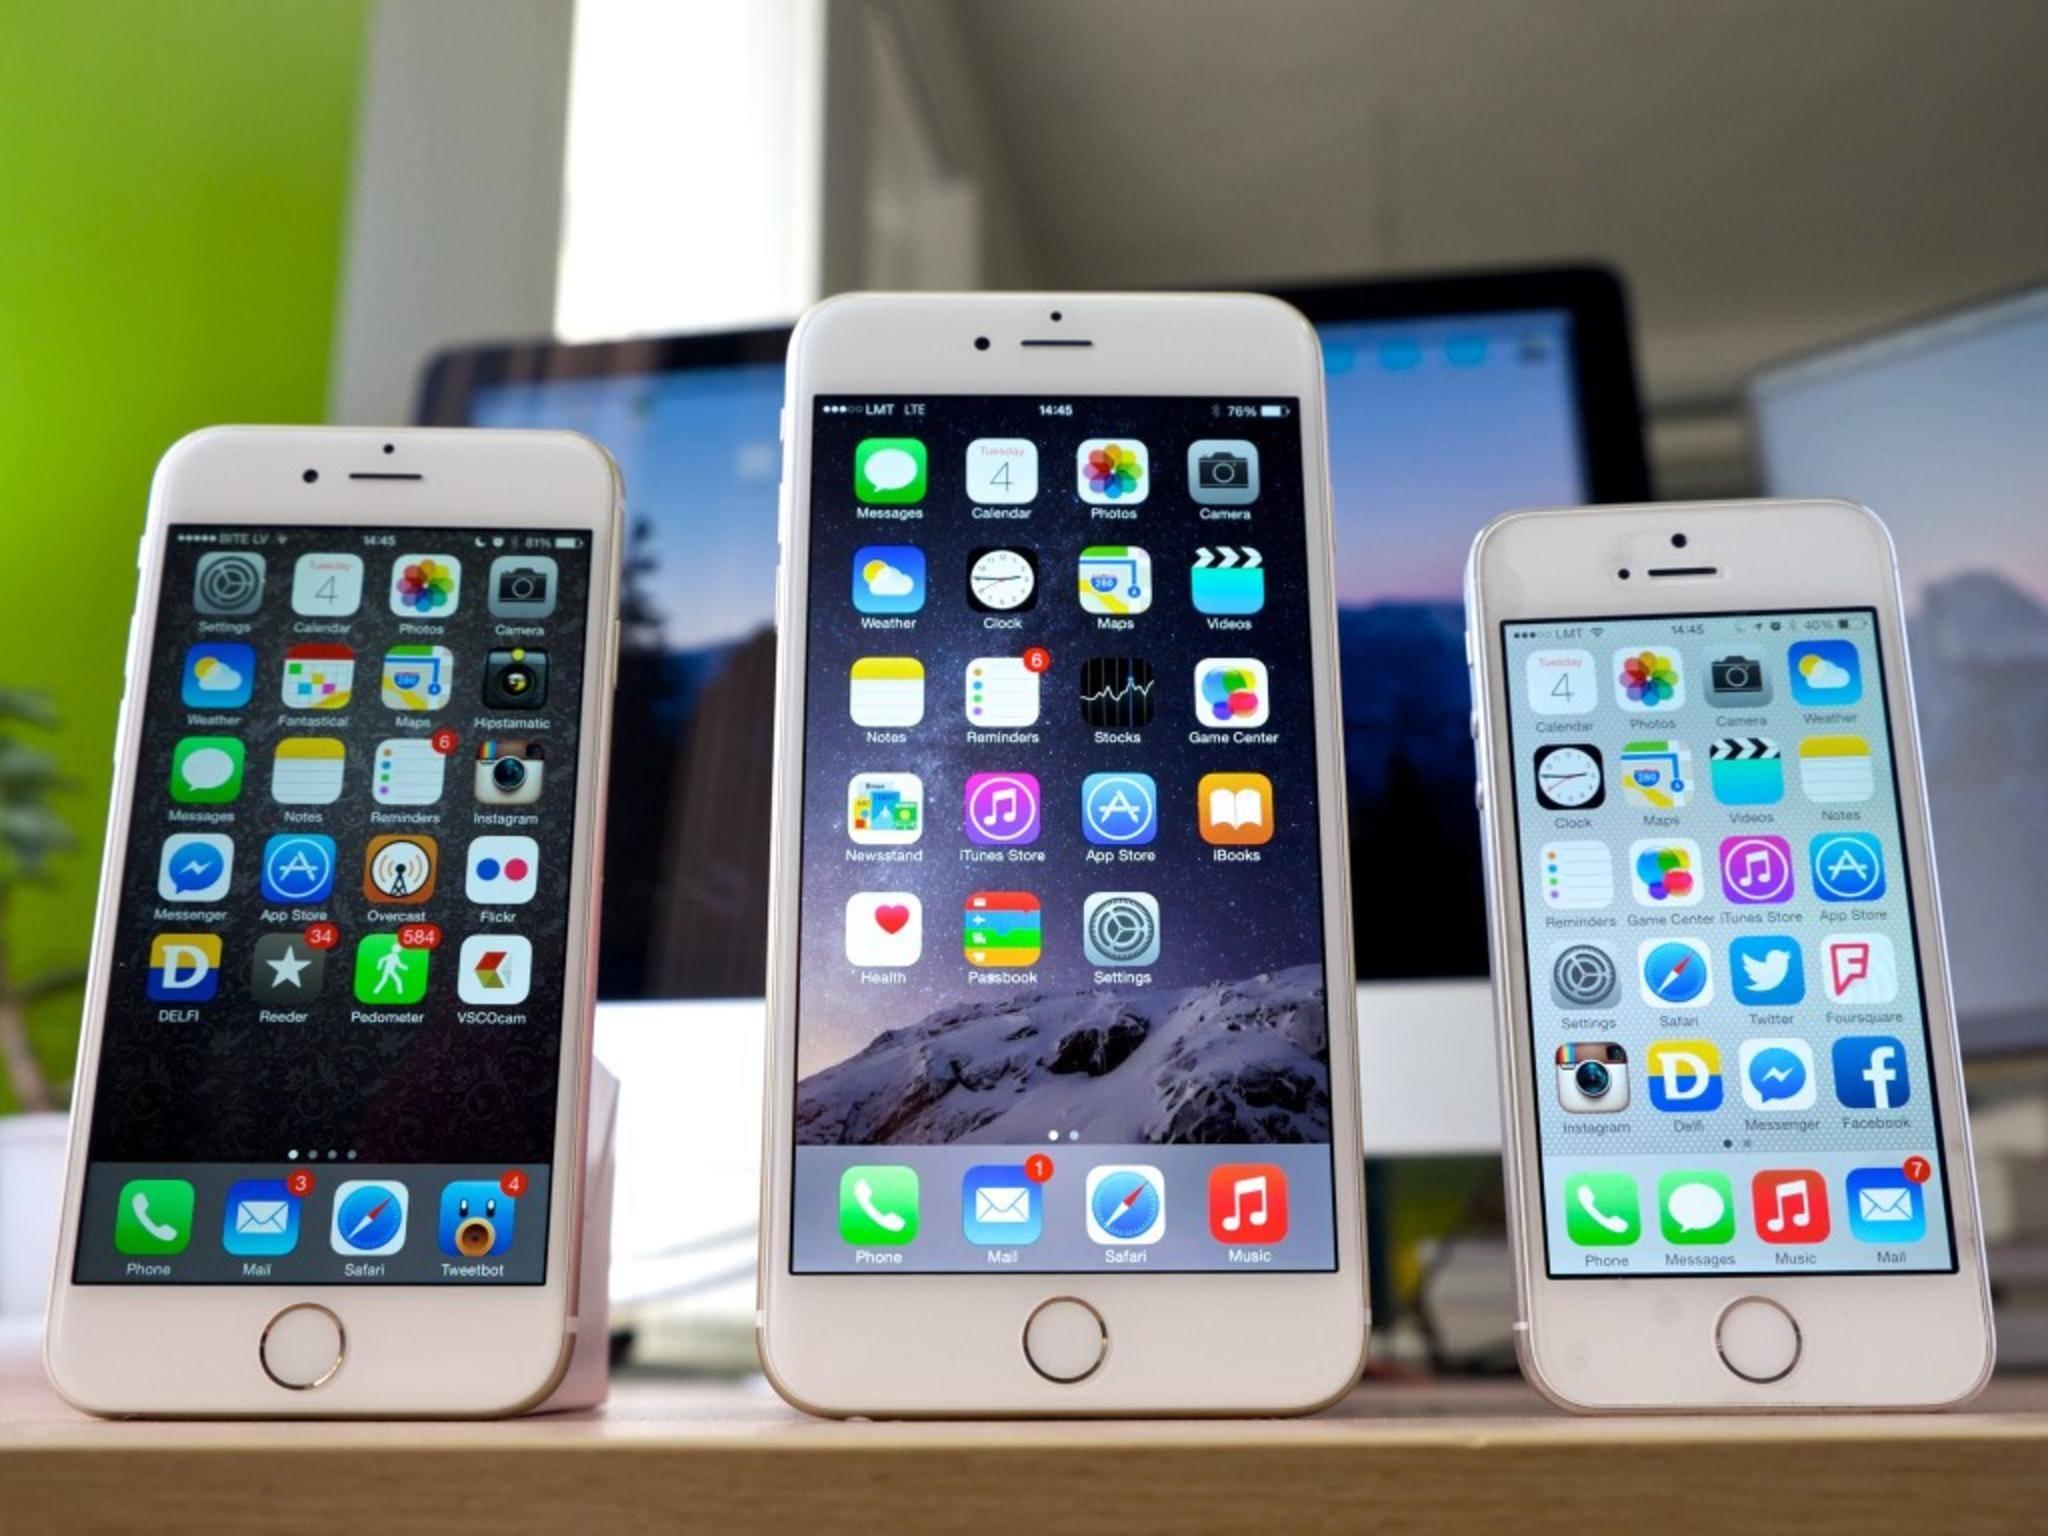 Ob iPhone 6 oder iPhone 5s: iOS 8.4 lässt noch etwas auf sich warten.